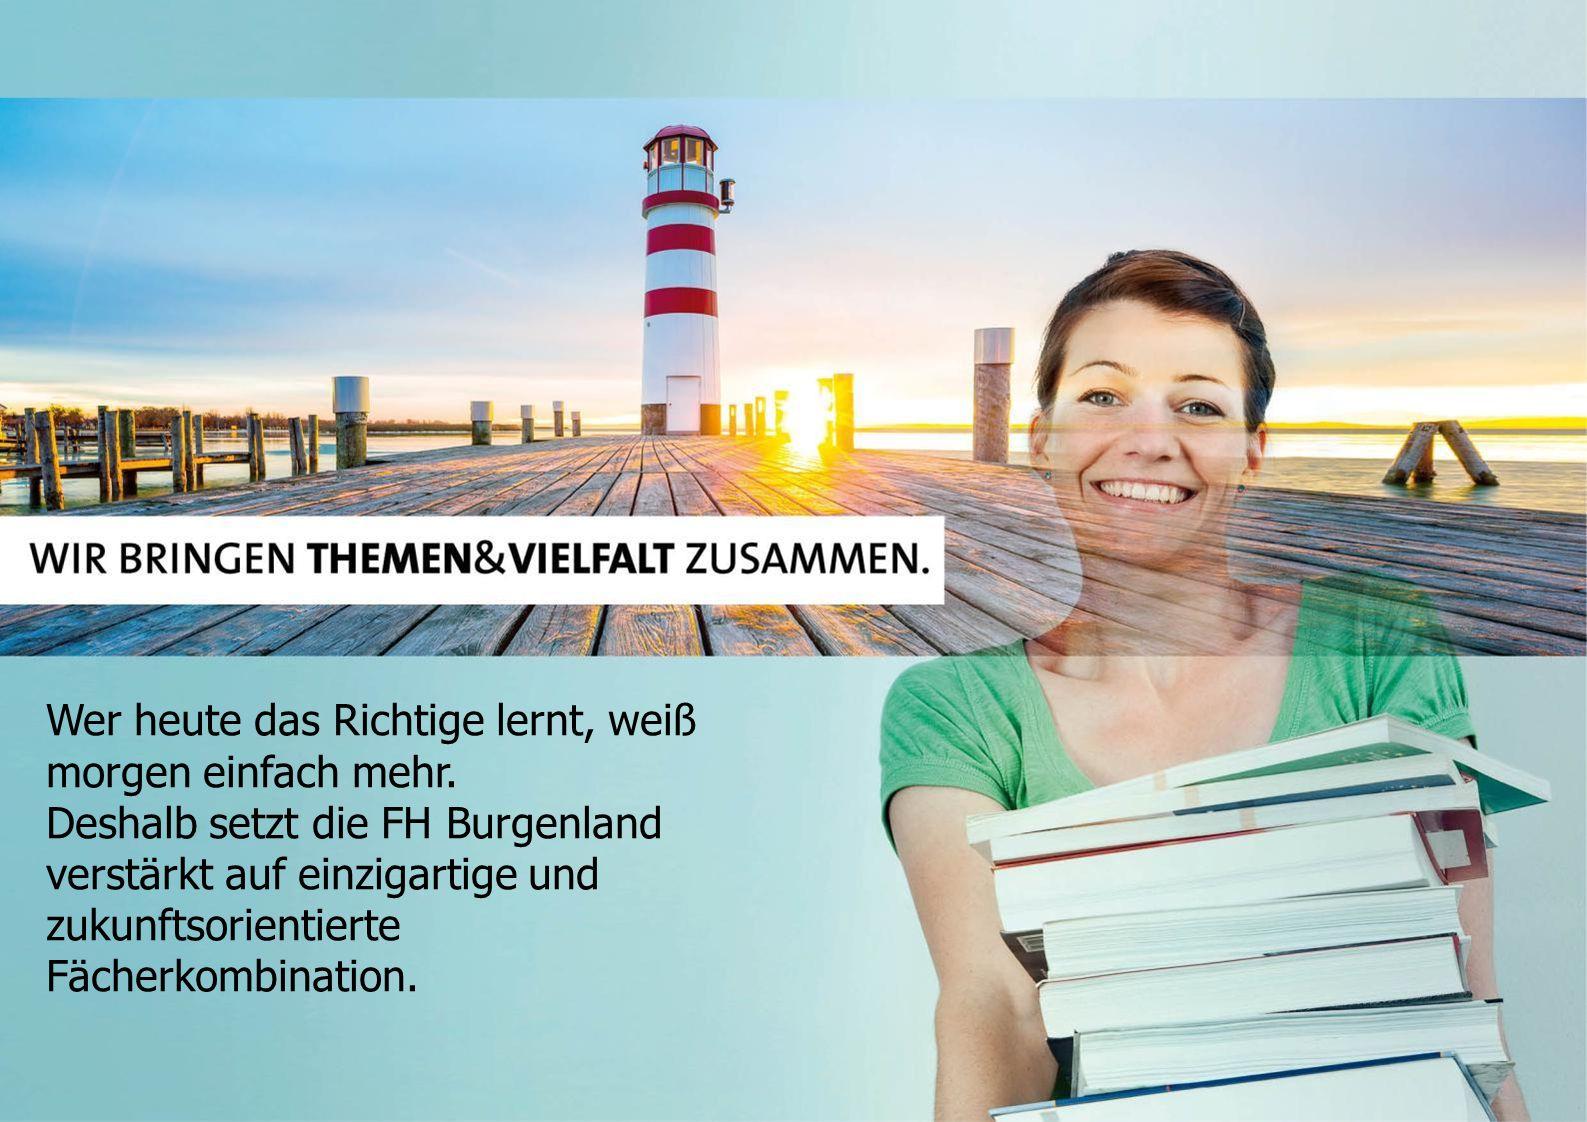 Zwei Standorte:  Eisenstadt  Pinkafeld  8 Bachelorstudiengänge  12 Masterstudiengänge  1.700 Studierende  760 StudienanfängerInnen  70% berufsbegleitendes Studium  4.400 AbsolventInnen  99 % Beschäftigungsquote  120 MitarbeiterInnen  300 LektorInnen  400 Wirtschaftspartner